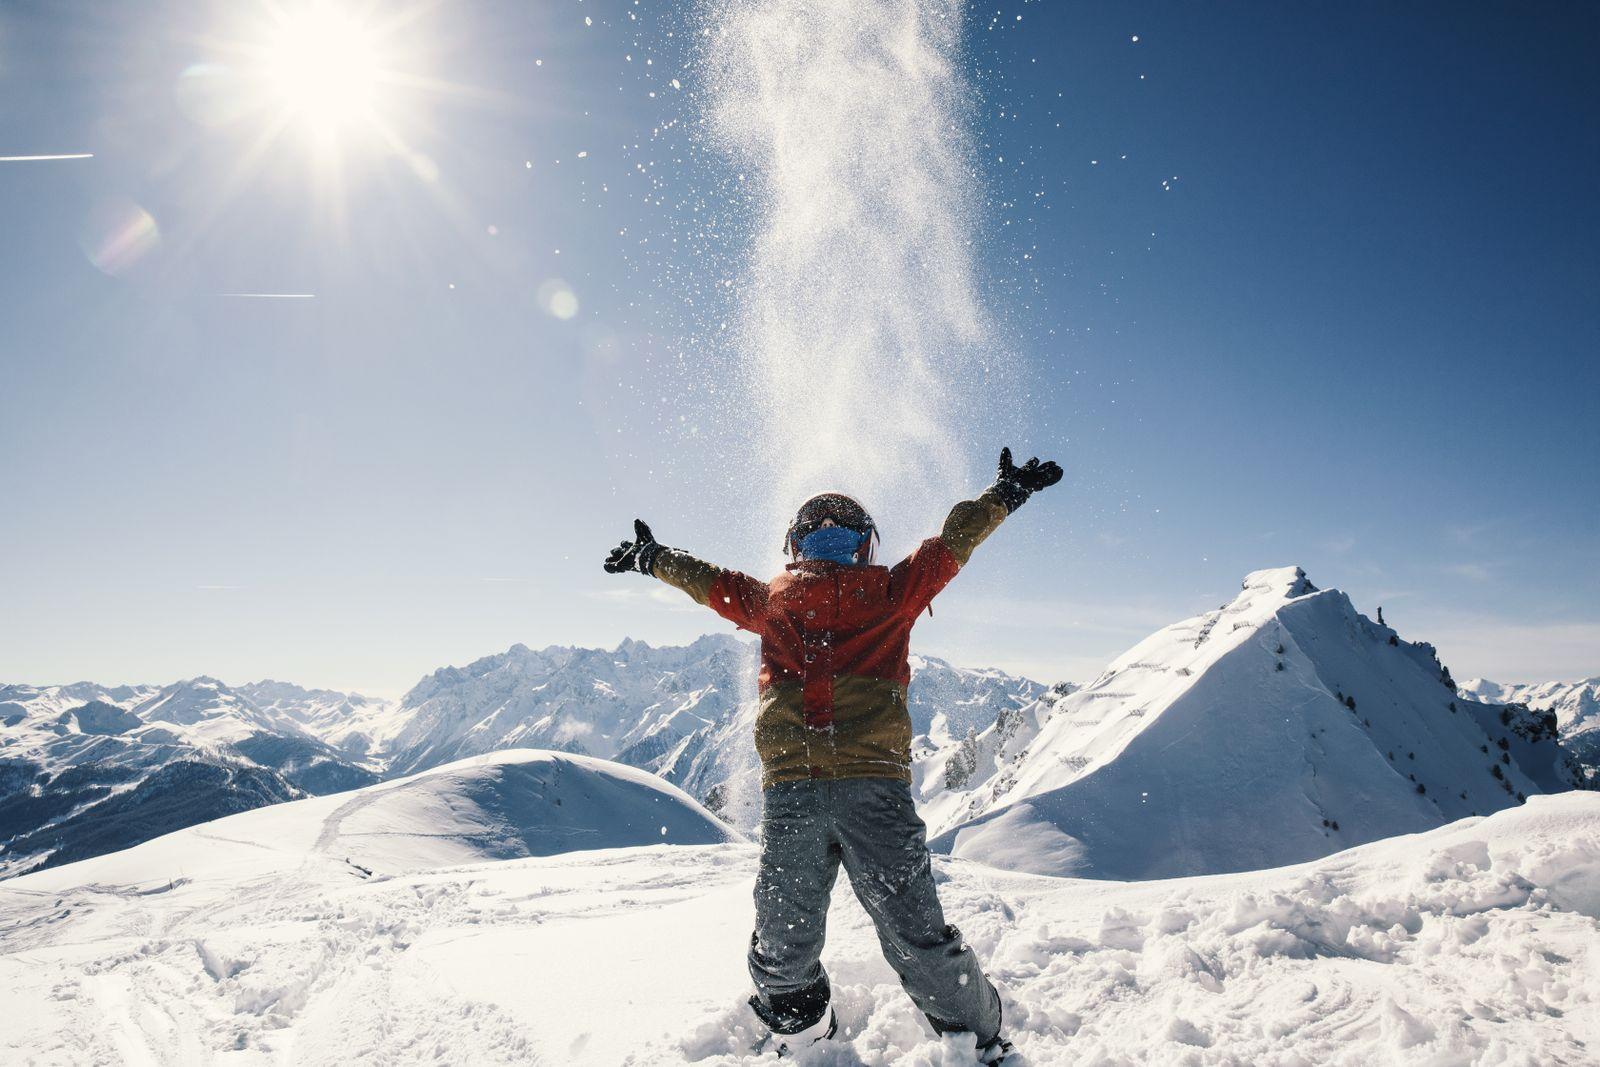 EINMALIGE VERWENDUNG Wissenschaft/ Nachhaltigkeit/ Skiurlaub